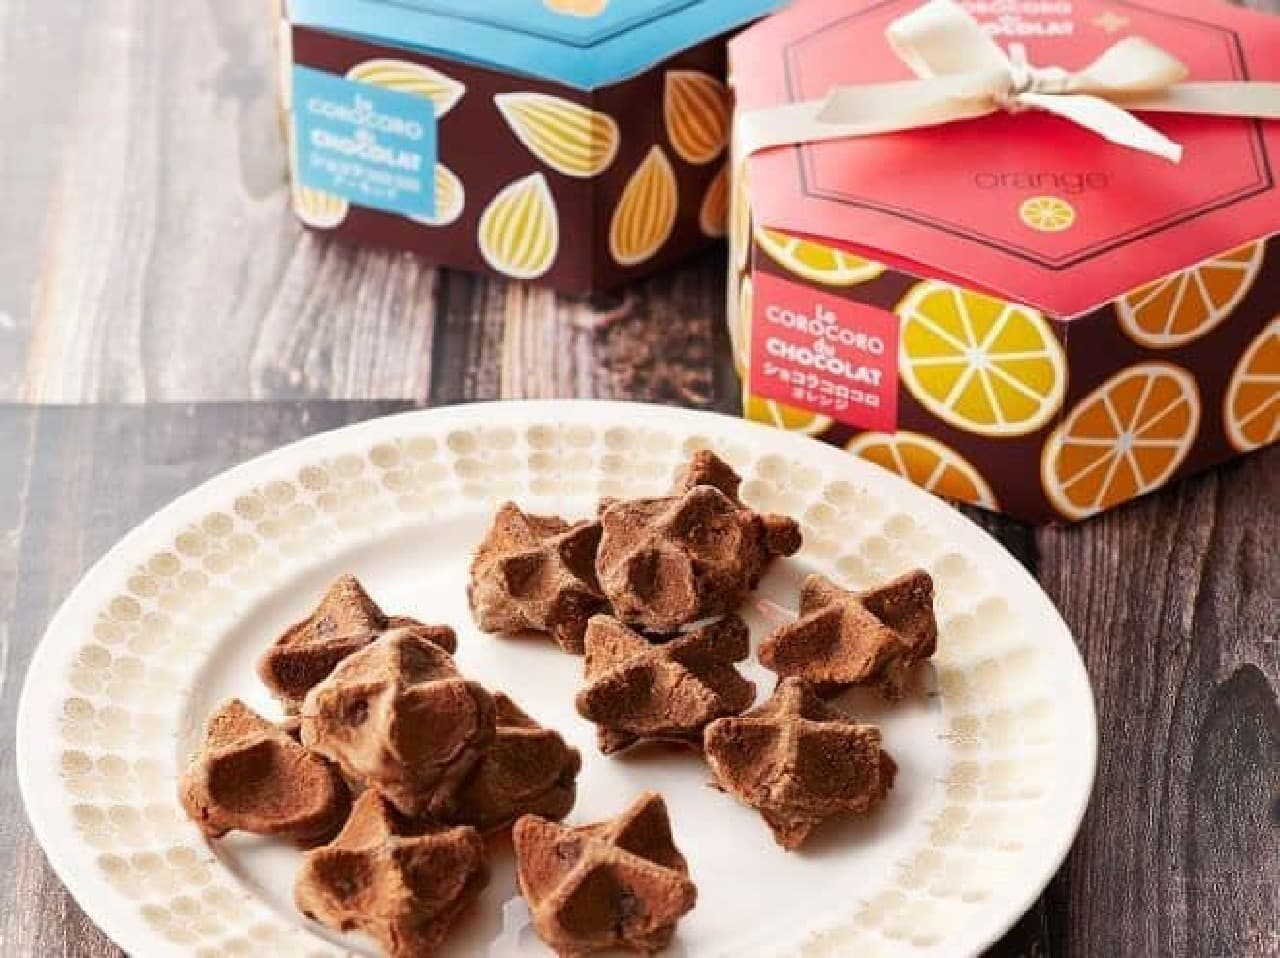 「ショコラコロコロ」は、濃いチョコの味わいが楽しめるクッキータイプのワッフル